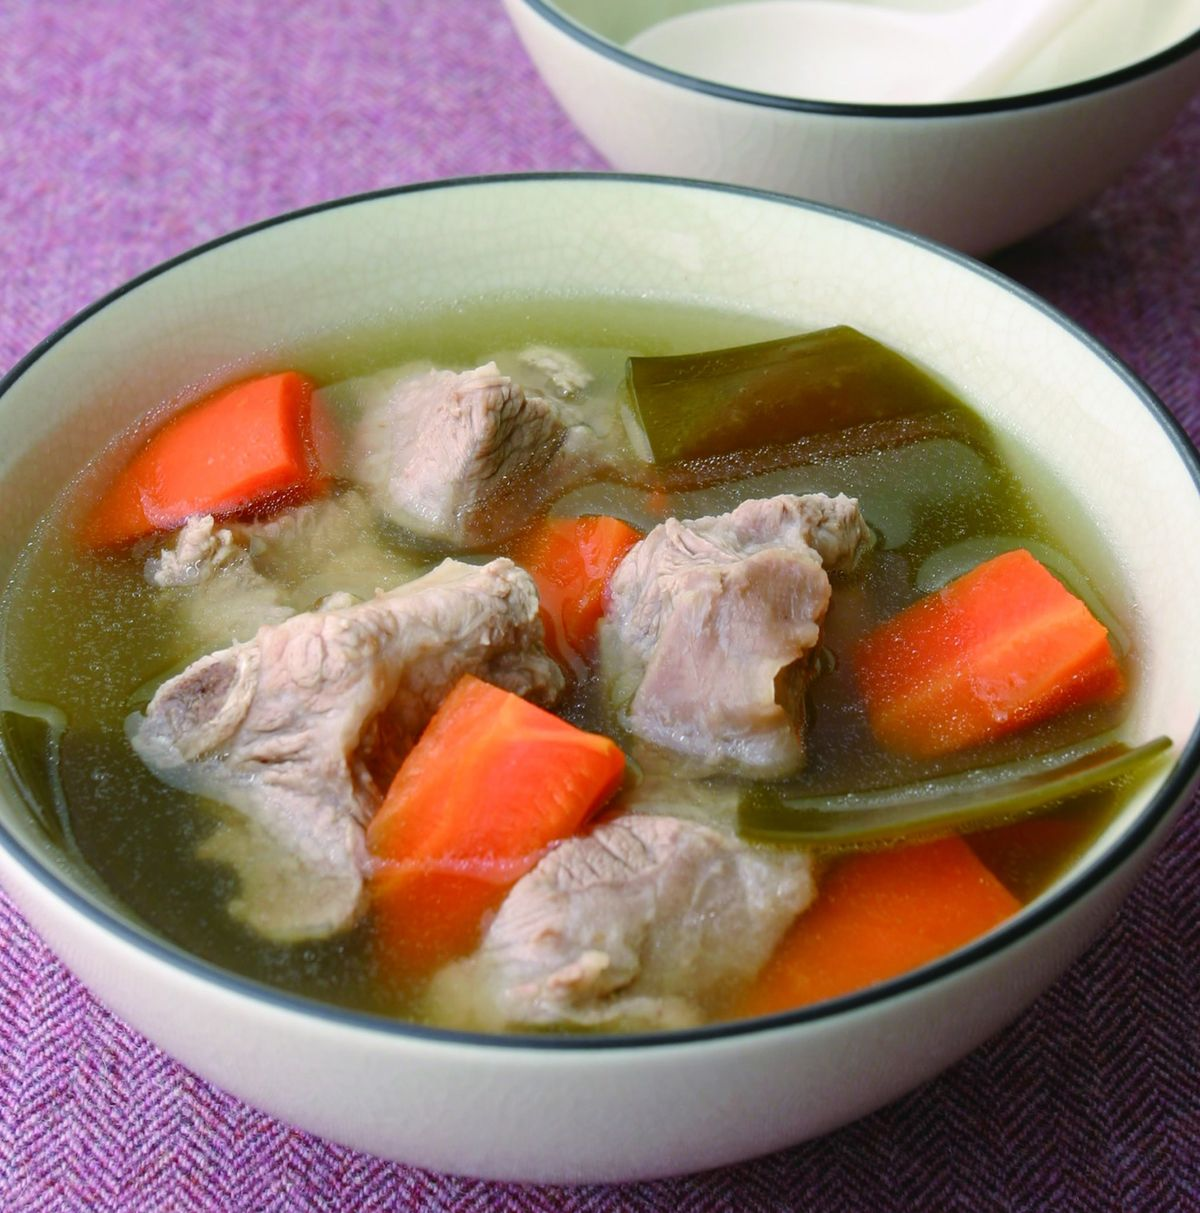 食譜:昆布排骨湯